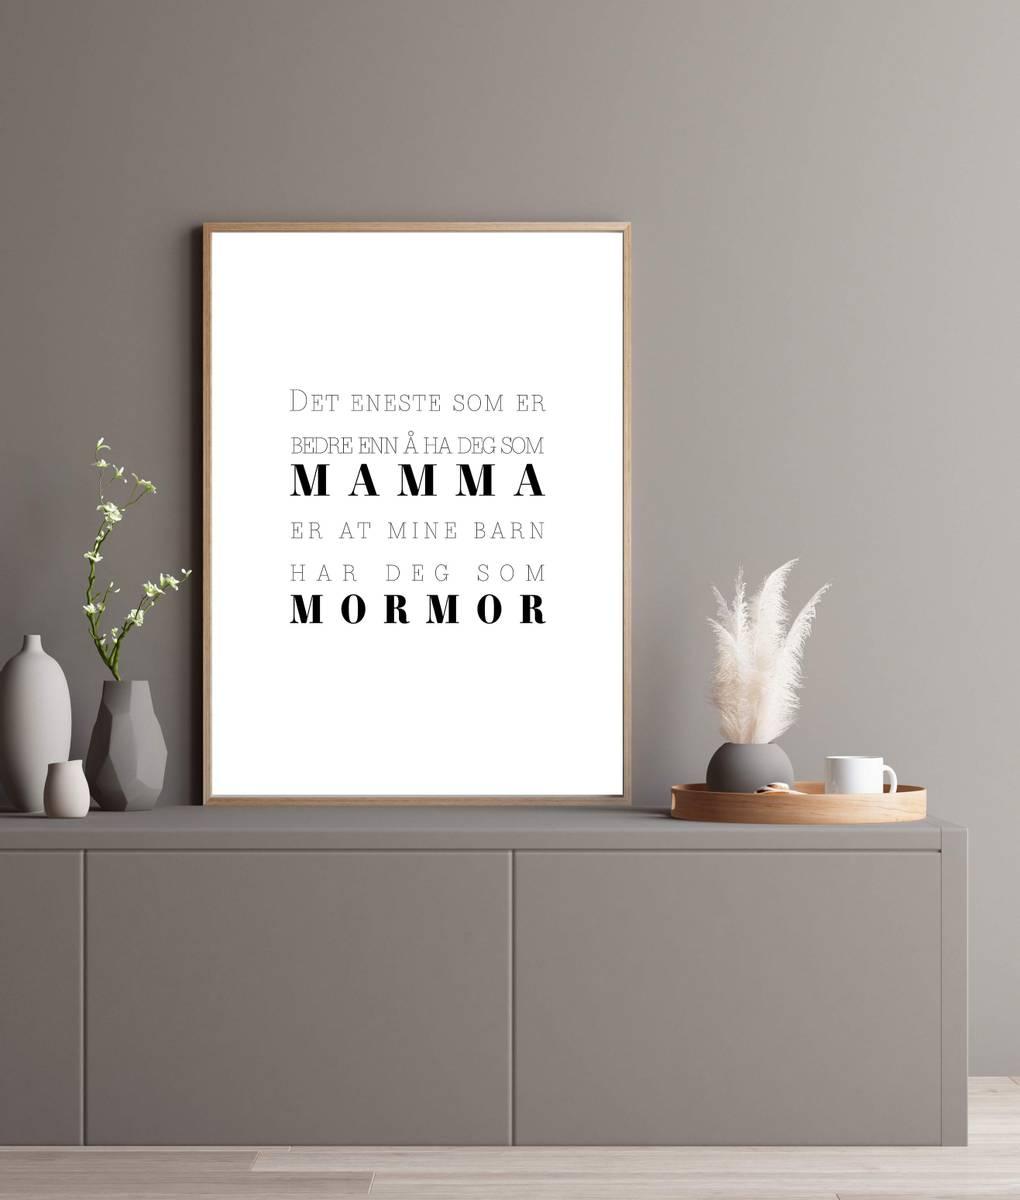 MAMMA OG MORMOR PLAKAT